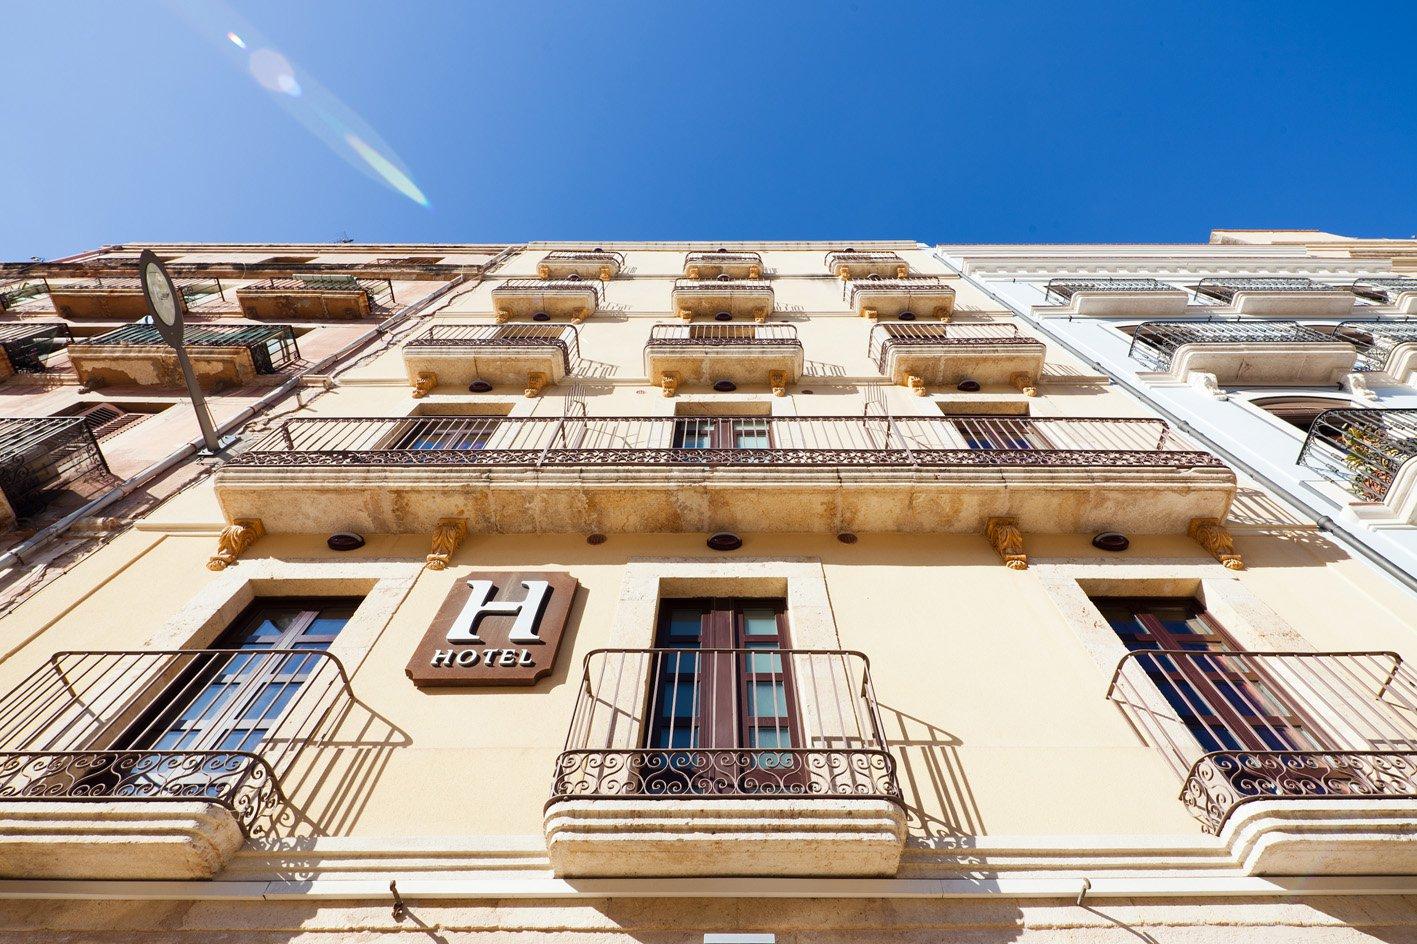 hotel_la_fontnombre_del_documento_18-b070b5ab63de45d1aafae5412421c435